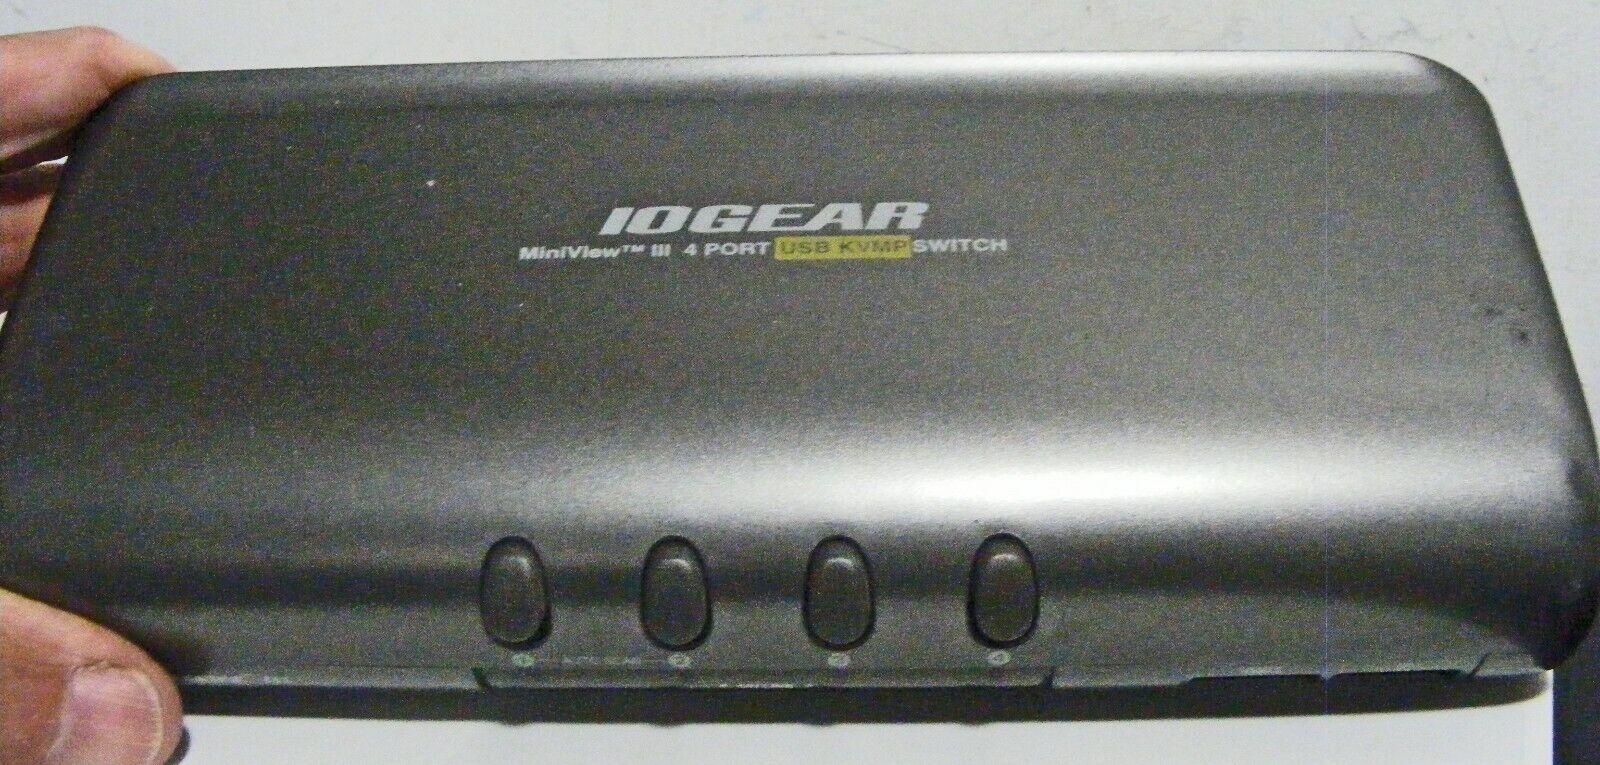 IOGear MiniView III USB / KVMP swirch w power, IB. beeps contunously ??